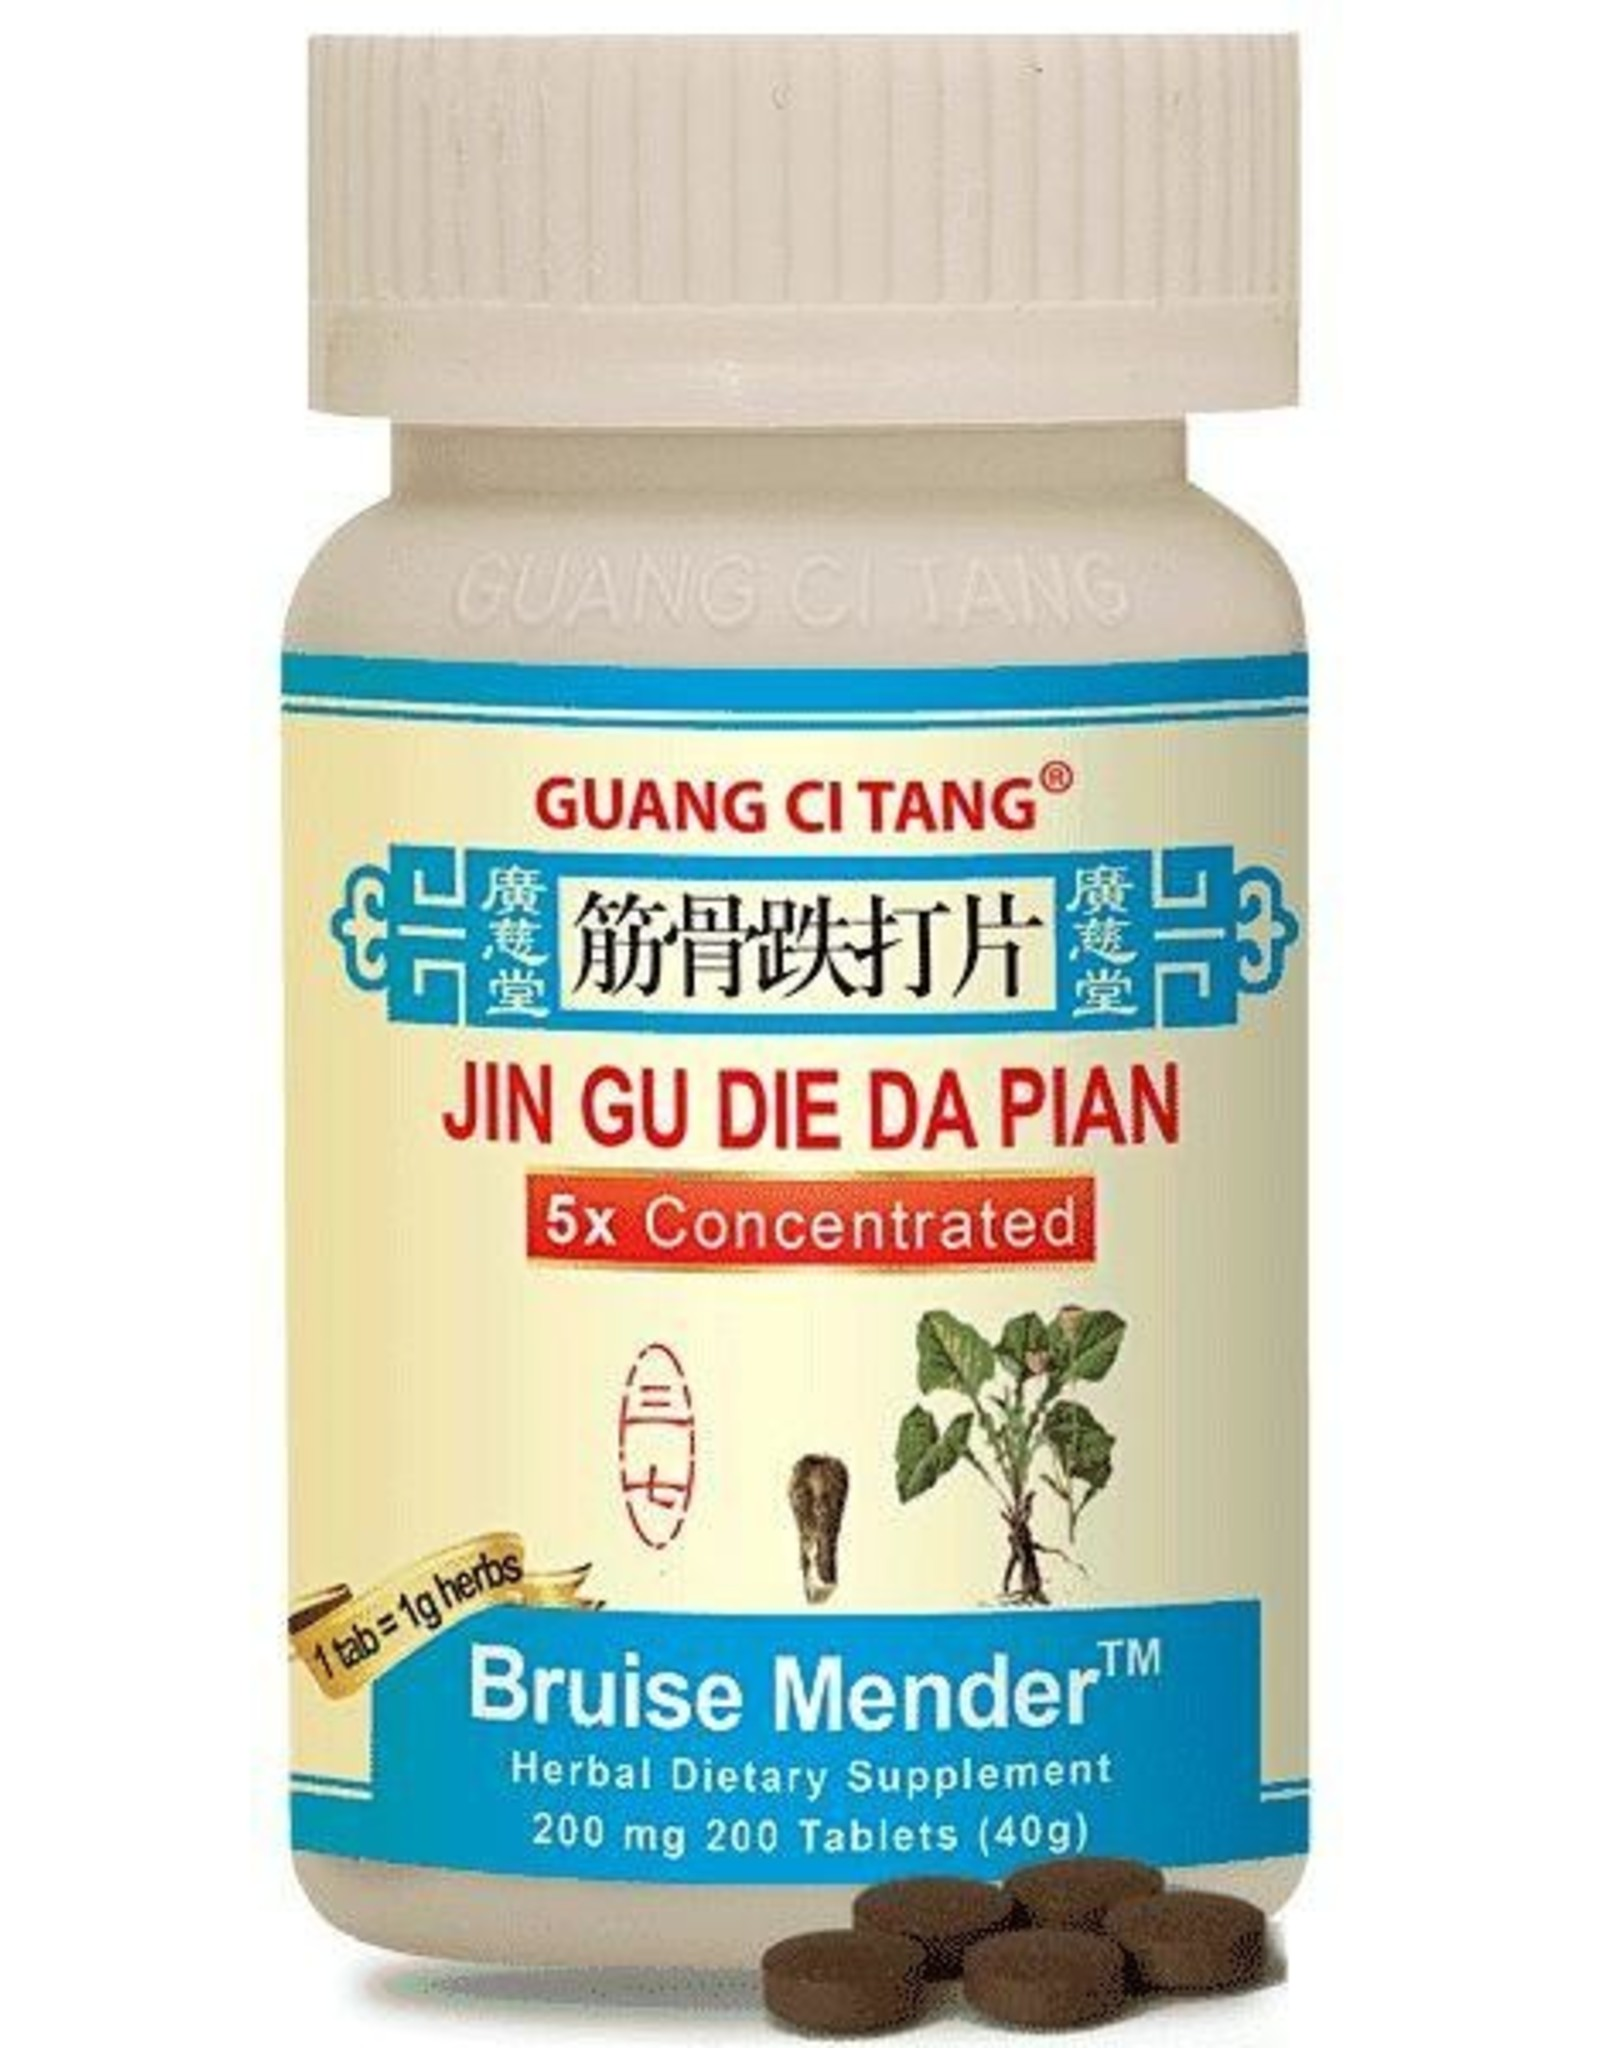 Guang Ci Tang jin Gu Die Da Pian- Bruise Mender